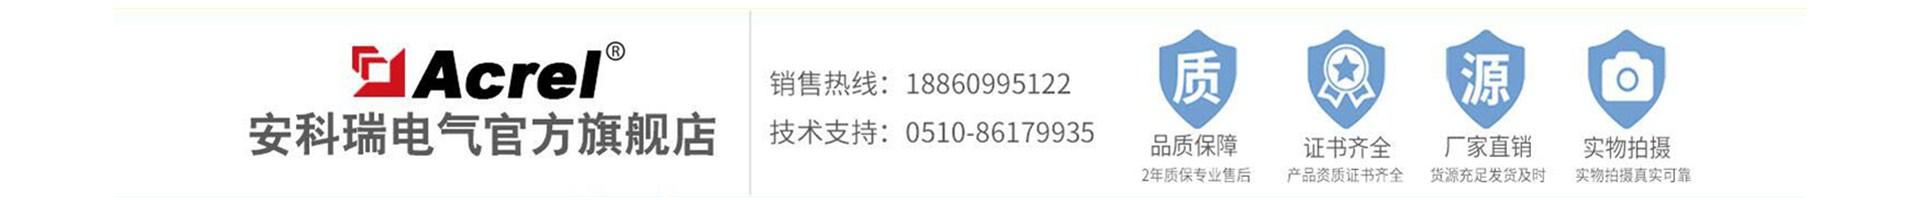 江蘇安科瑞電器製造有限公司